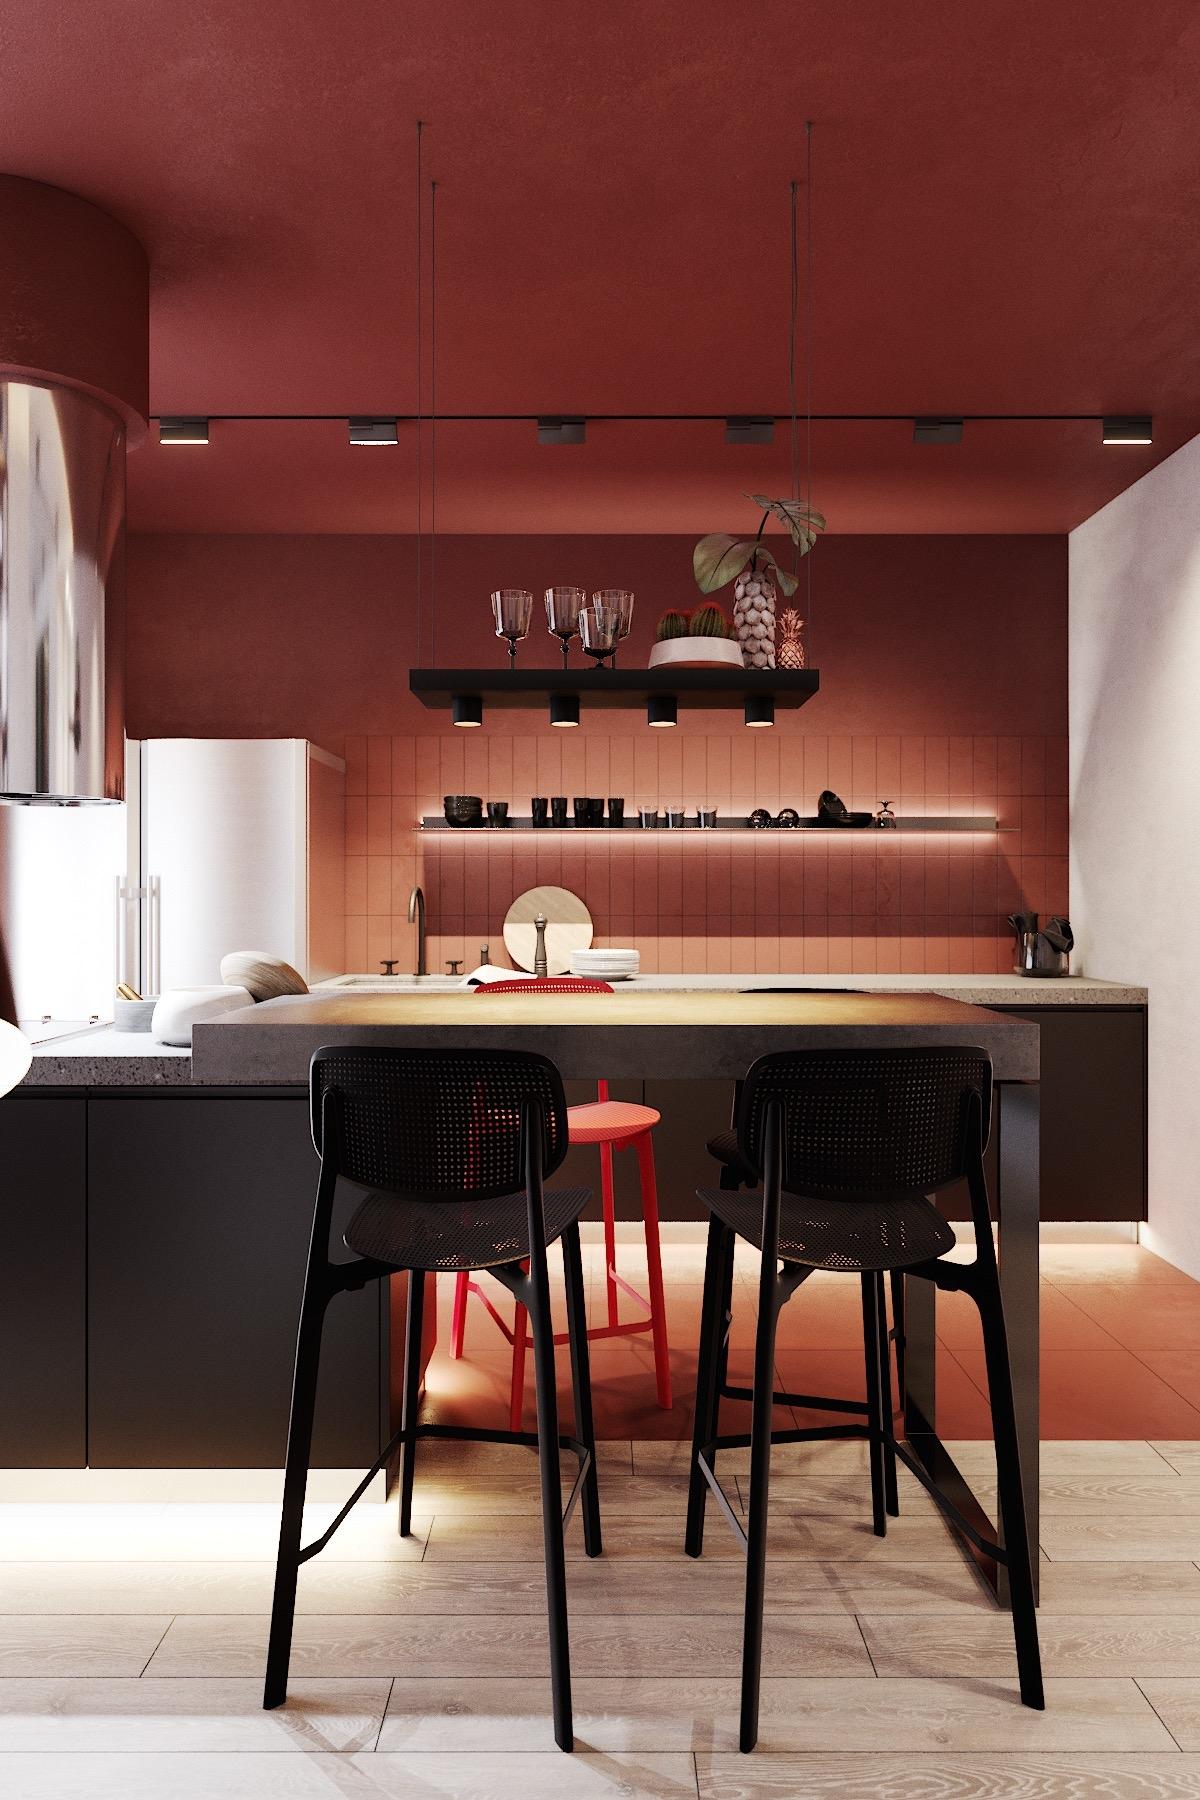 Tham khảo các thiết kế nhà bếp 'chơi trội' với màu 'nóng' - Ảnh 5